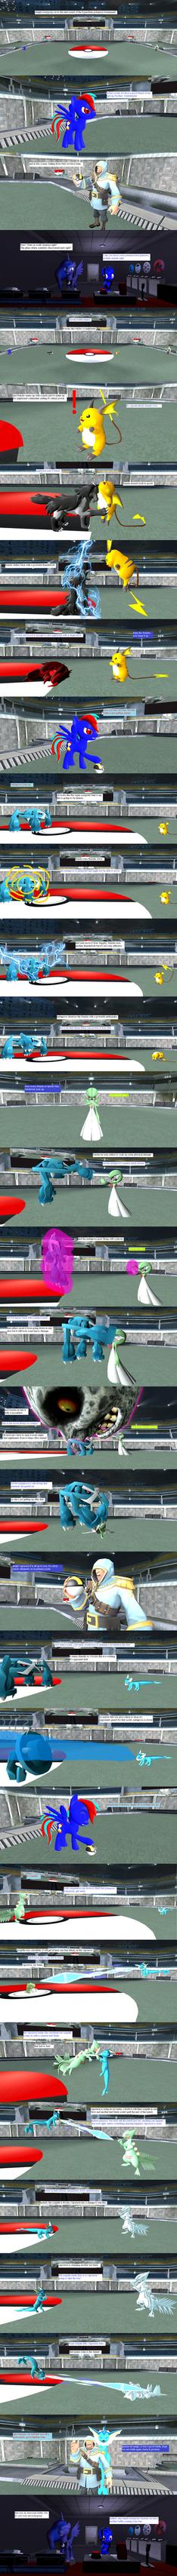 pokemon tournament Futurehunter vs Gian by kxp71